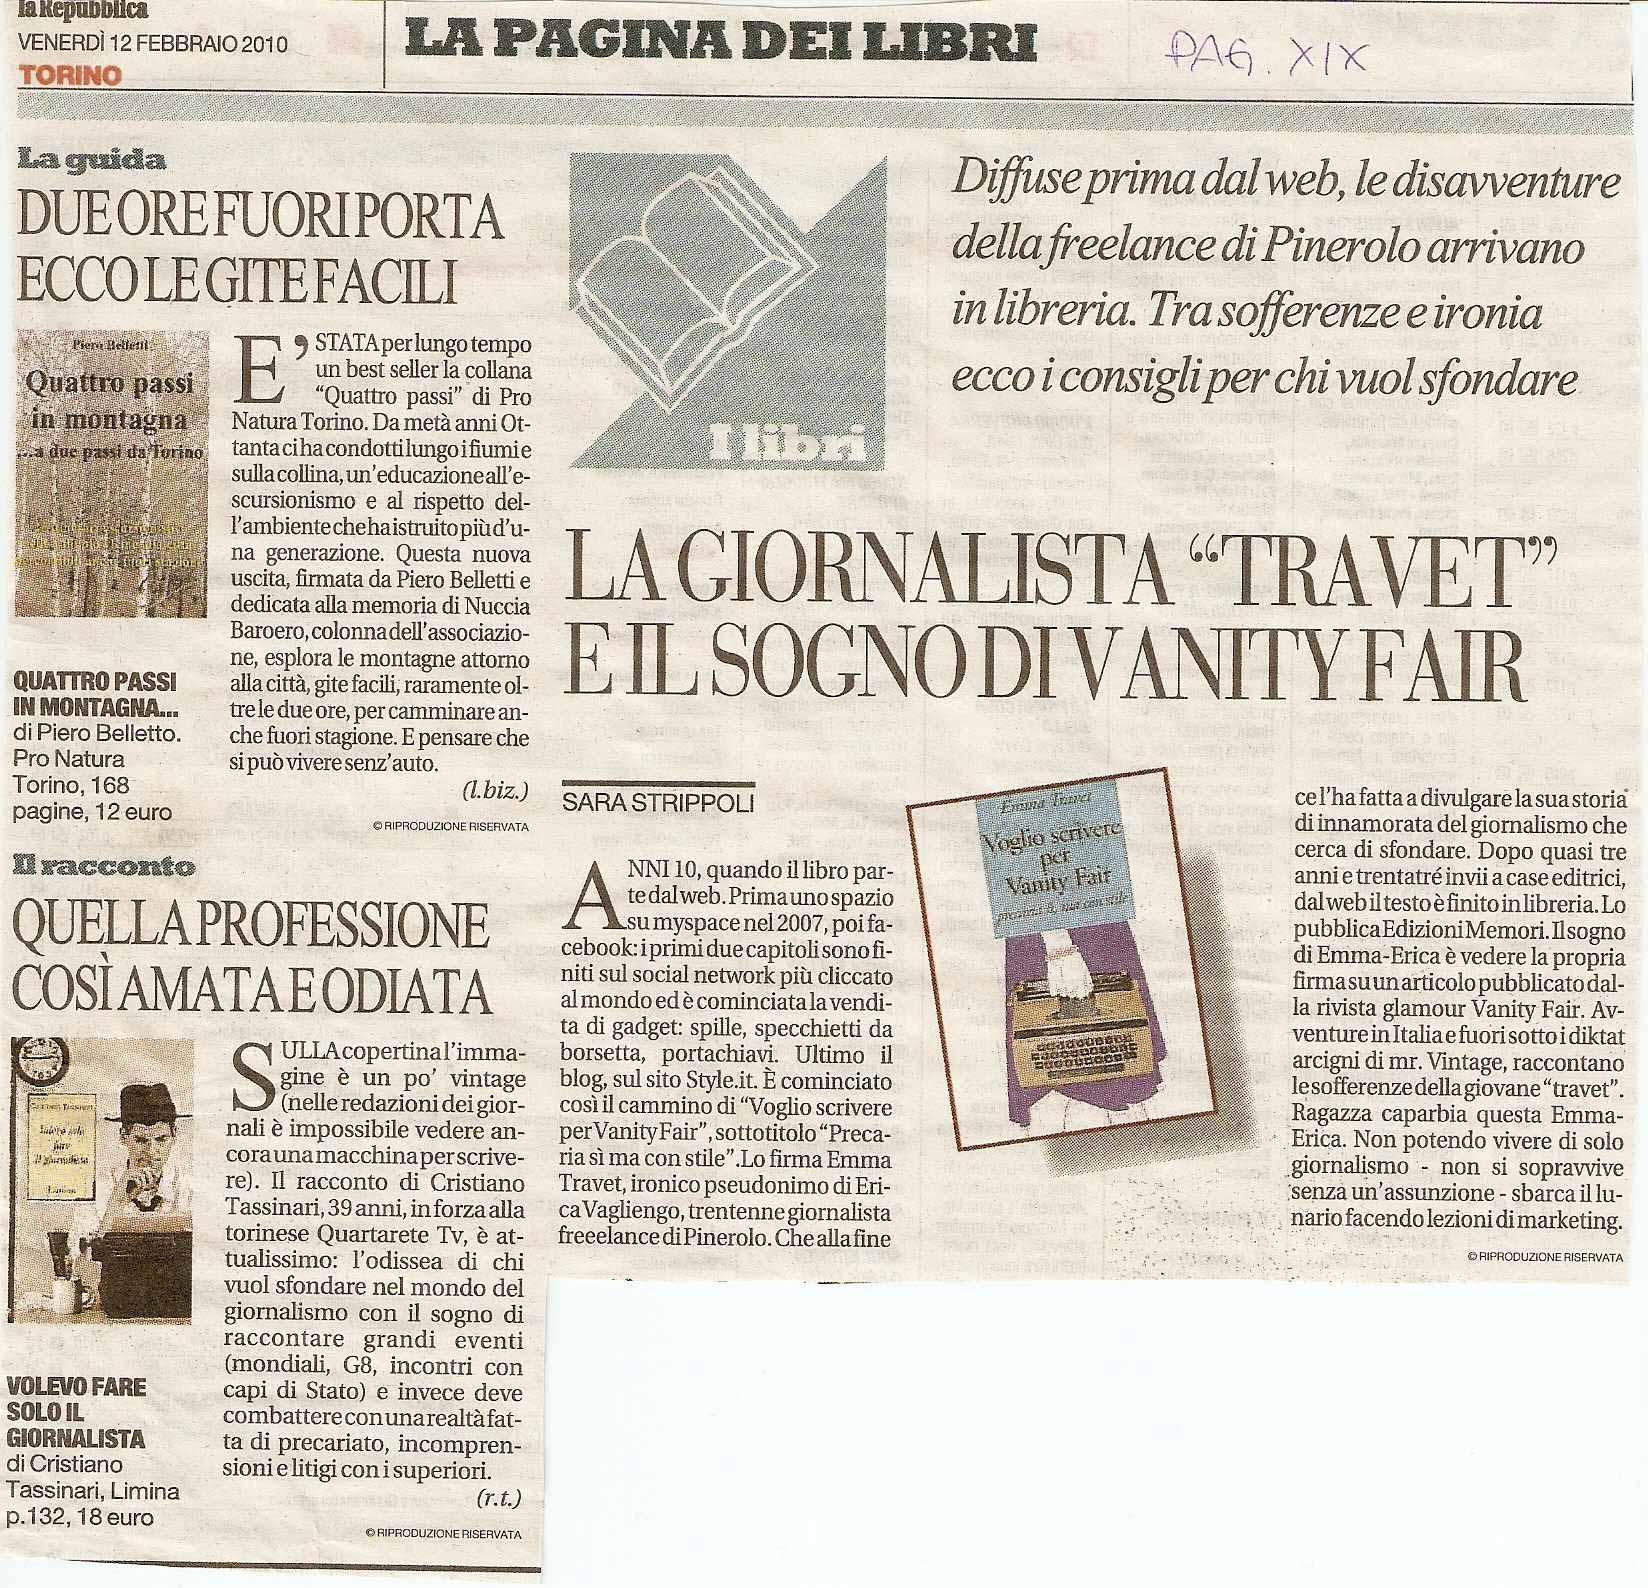 La Repubblica, 2010 articolo di Sara Strippoli